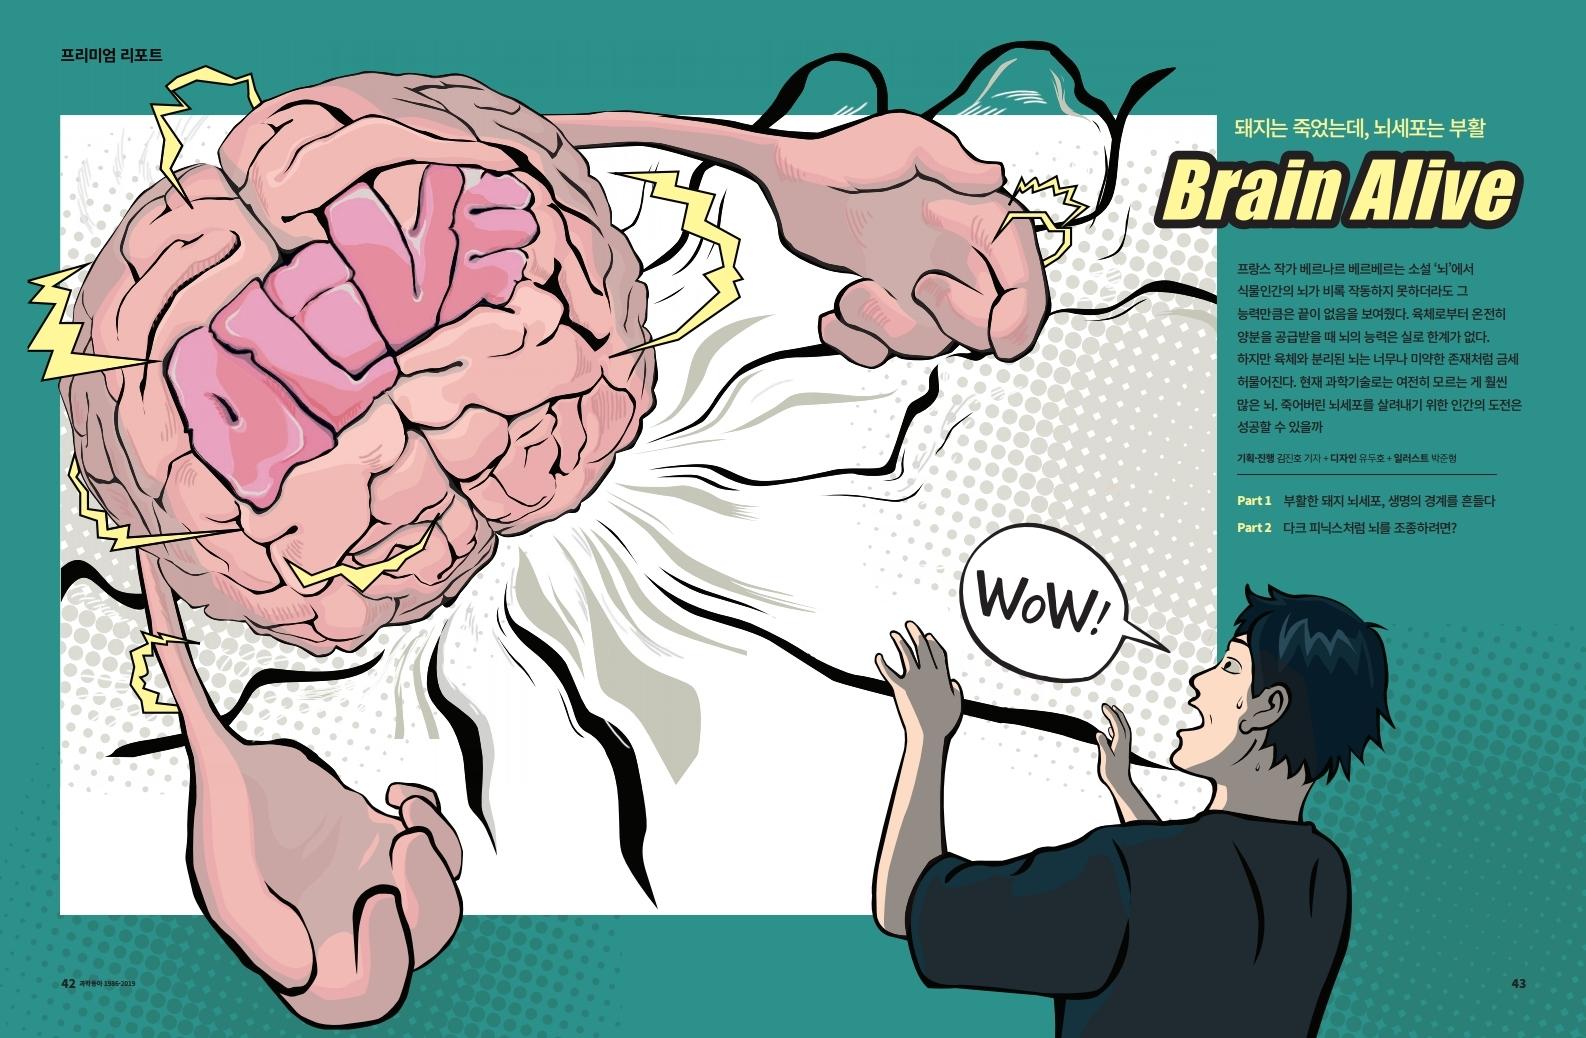 [프리미엄] 돼지는 죽었는데, 뇌세포는 부활 BRAIN ALIVE